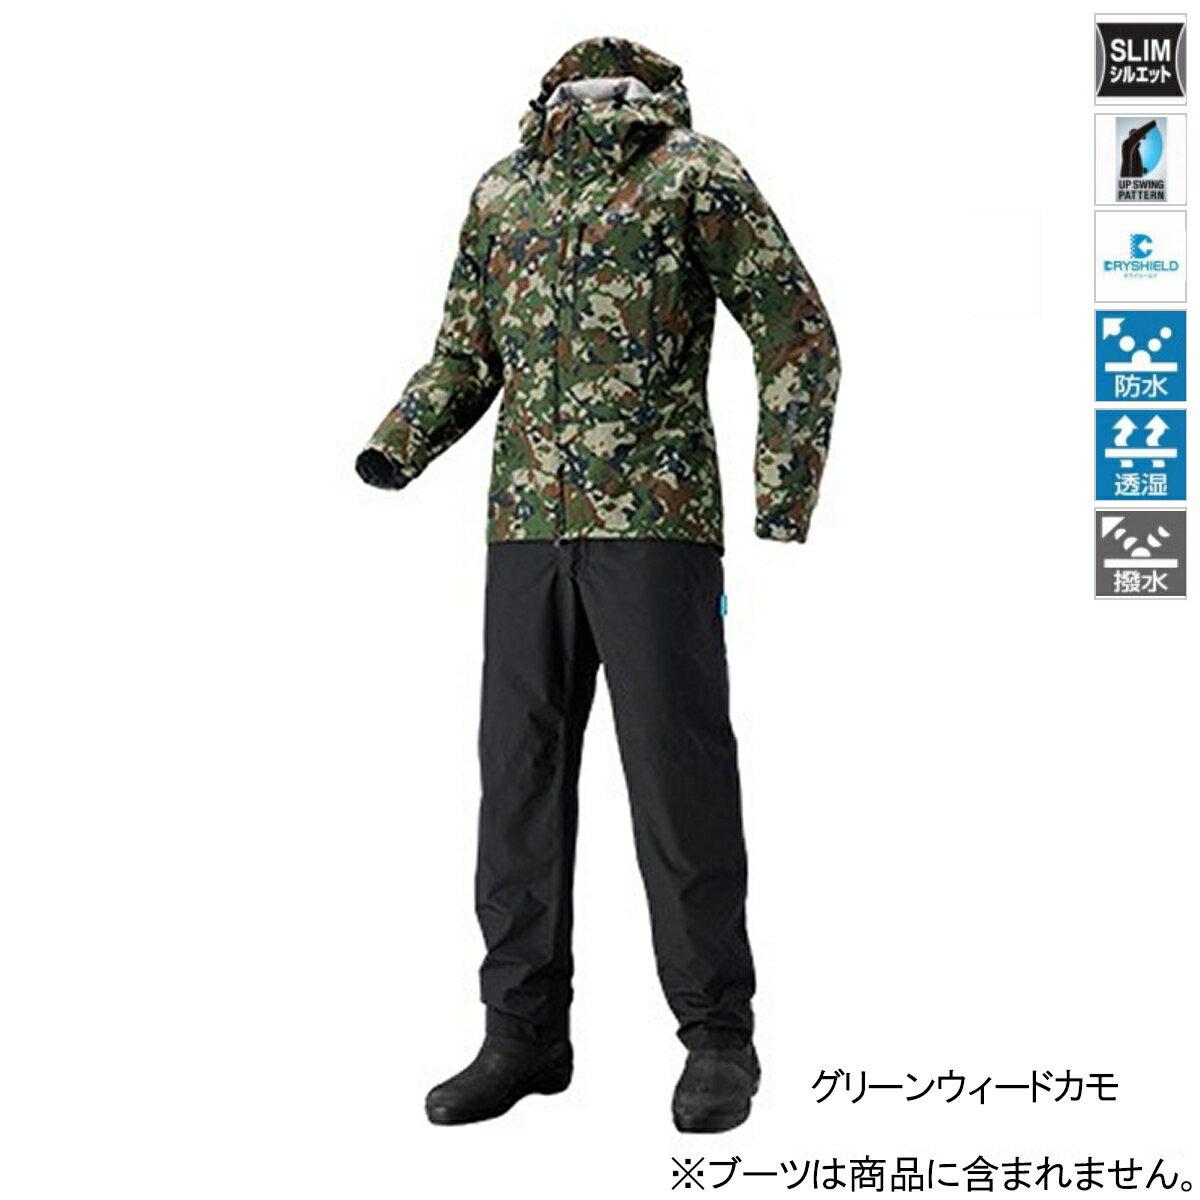 シマノ DSエクスプローラースーツ RA-024S XL グリーンウィードカモ【送料無料】